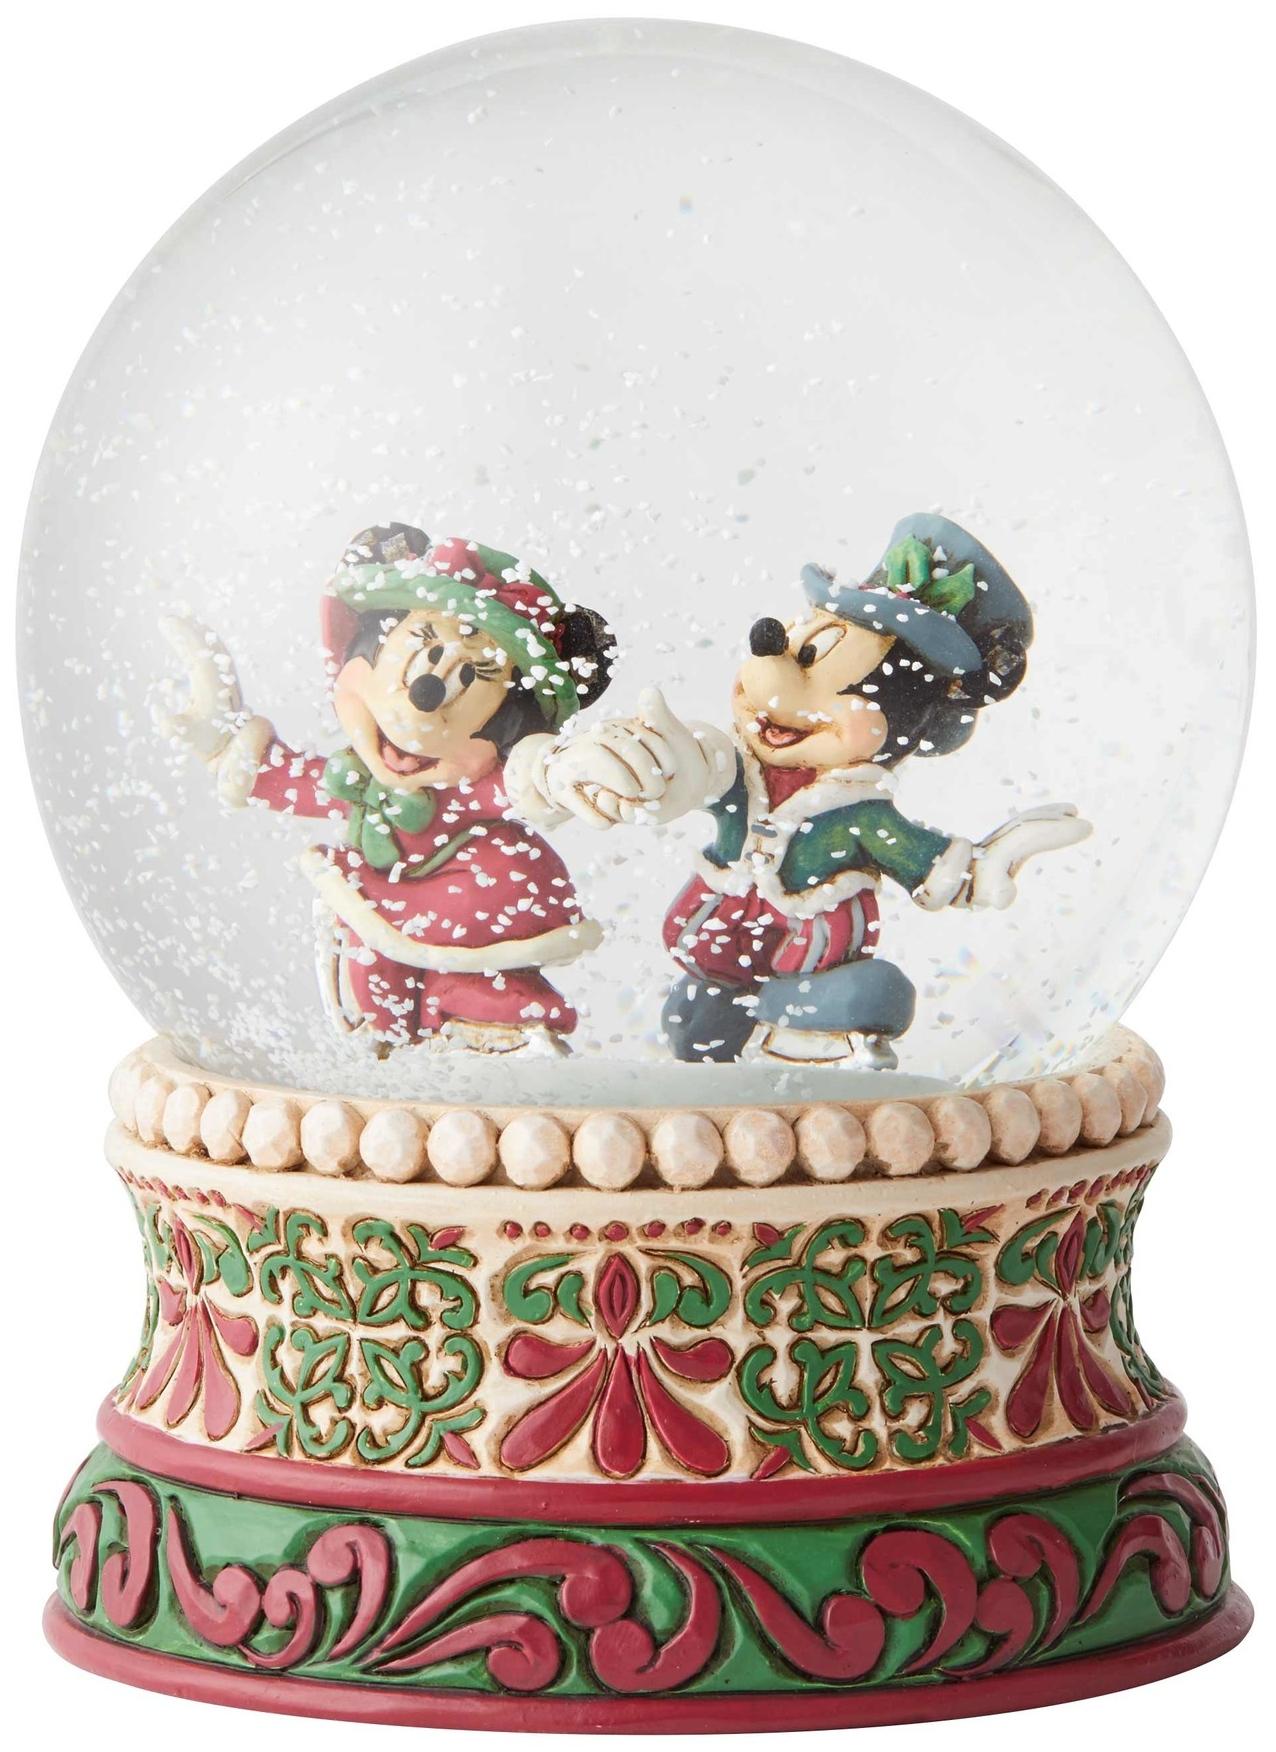 Disney Traditions by Jim Shore 6002832 Skating Waterball